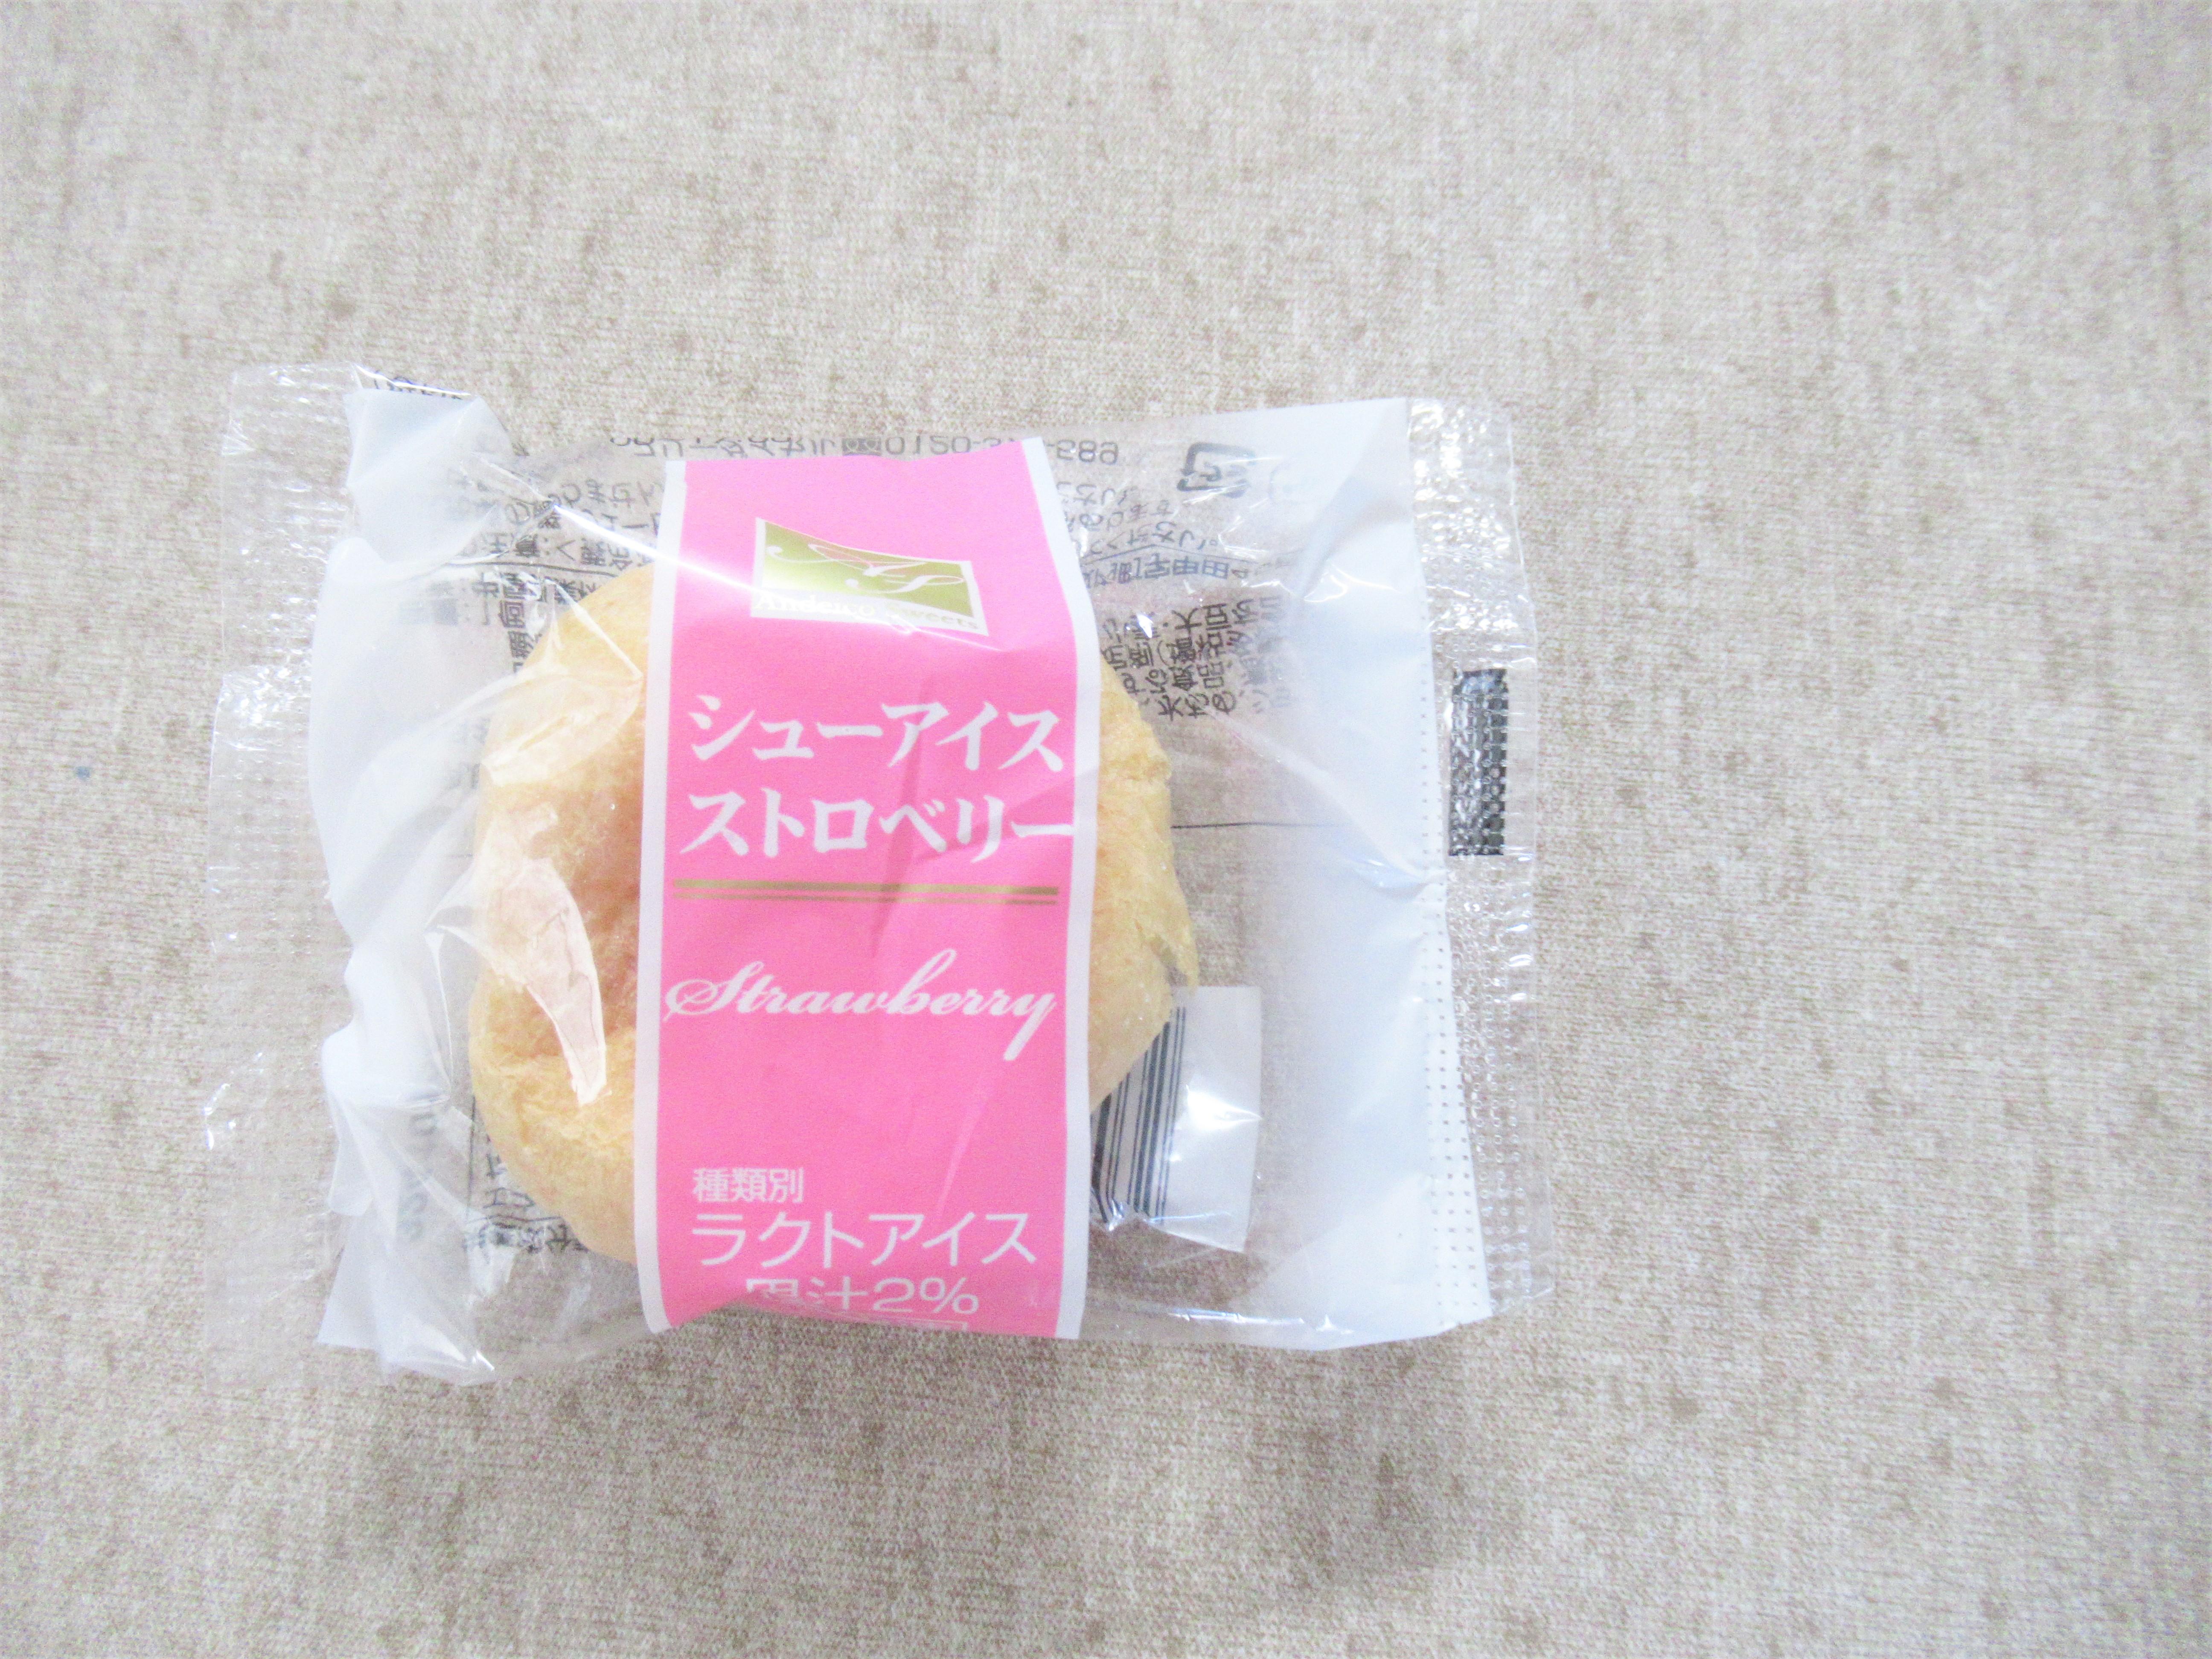 業務スーパー「シューアイス」はコストと味が優秀な癒し商品でオススメ!|ラク家事ブログ